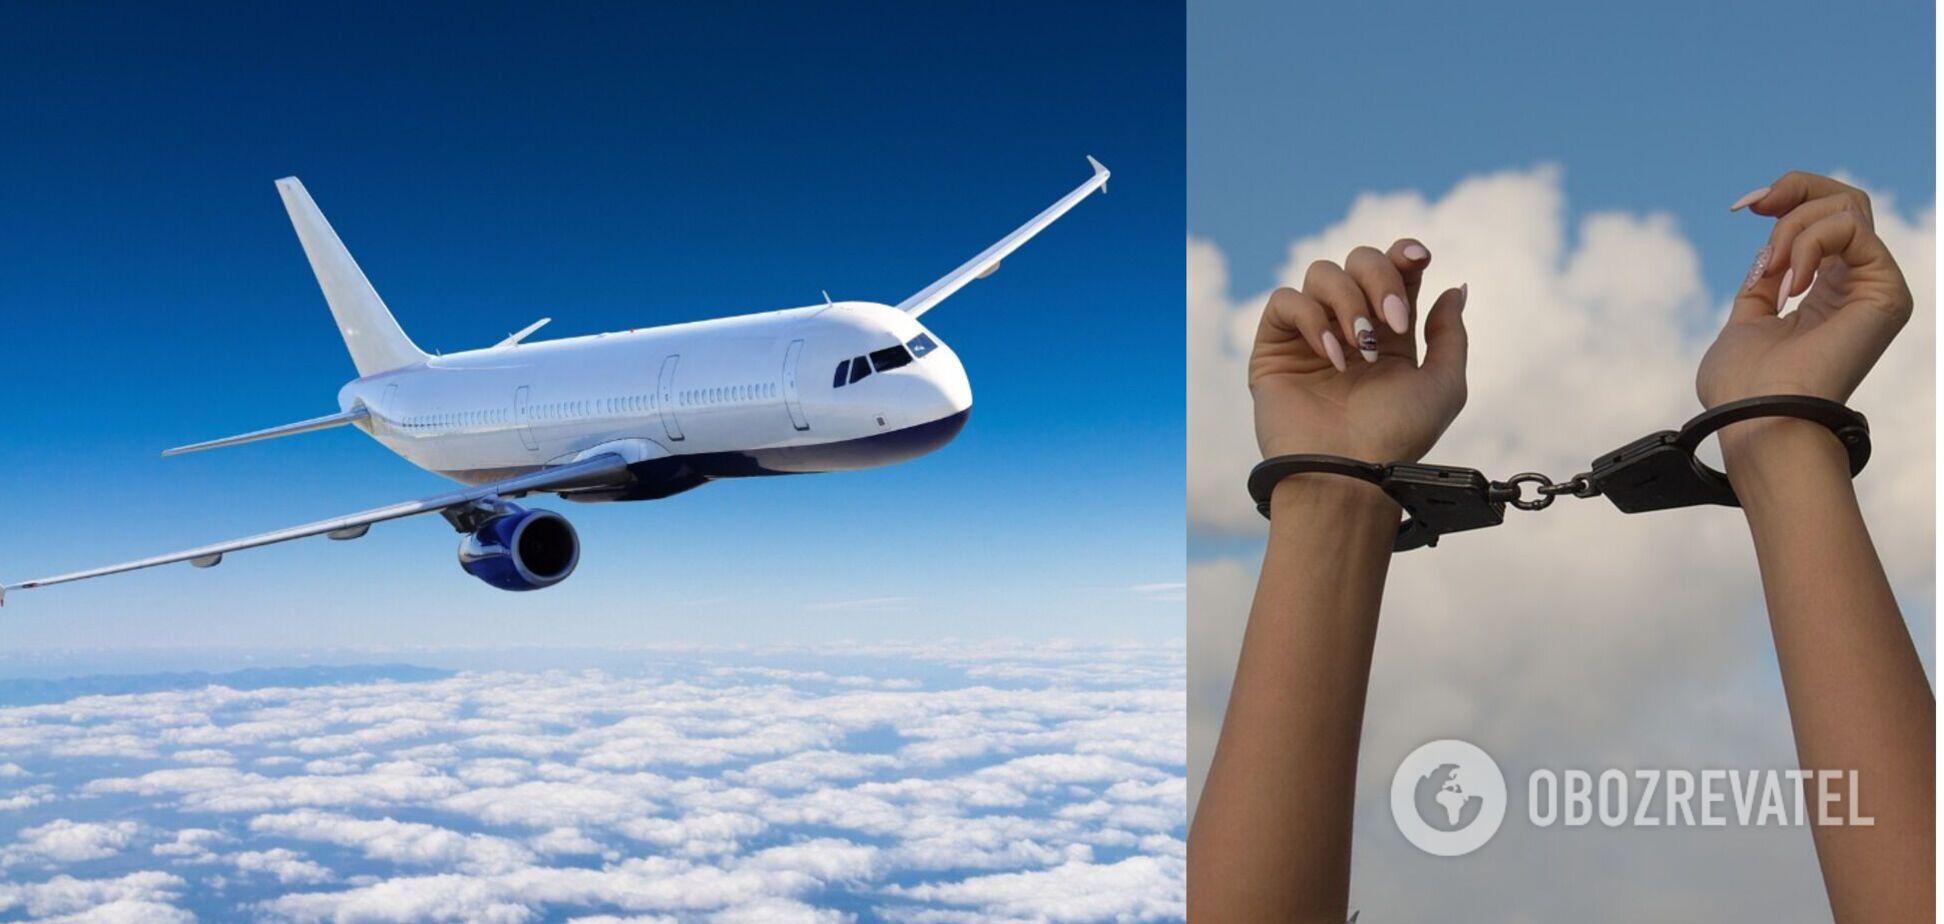 Росіянку зв'язали скотчем на борту літака через неадекватну поведінку. Відео